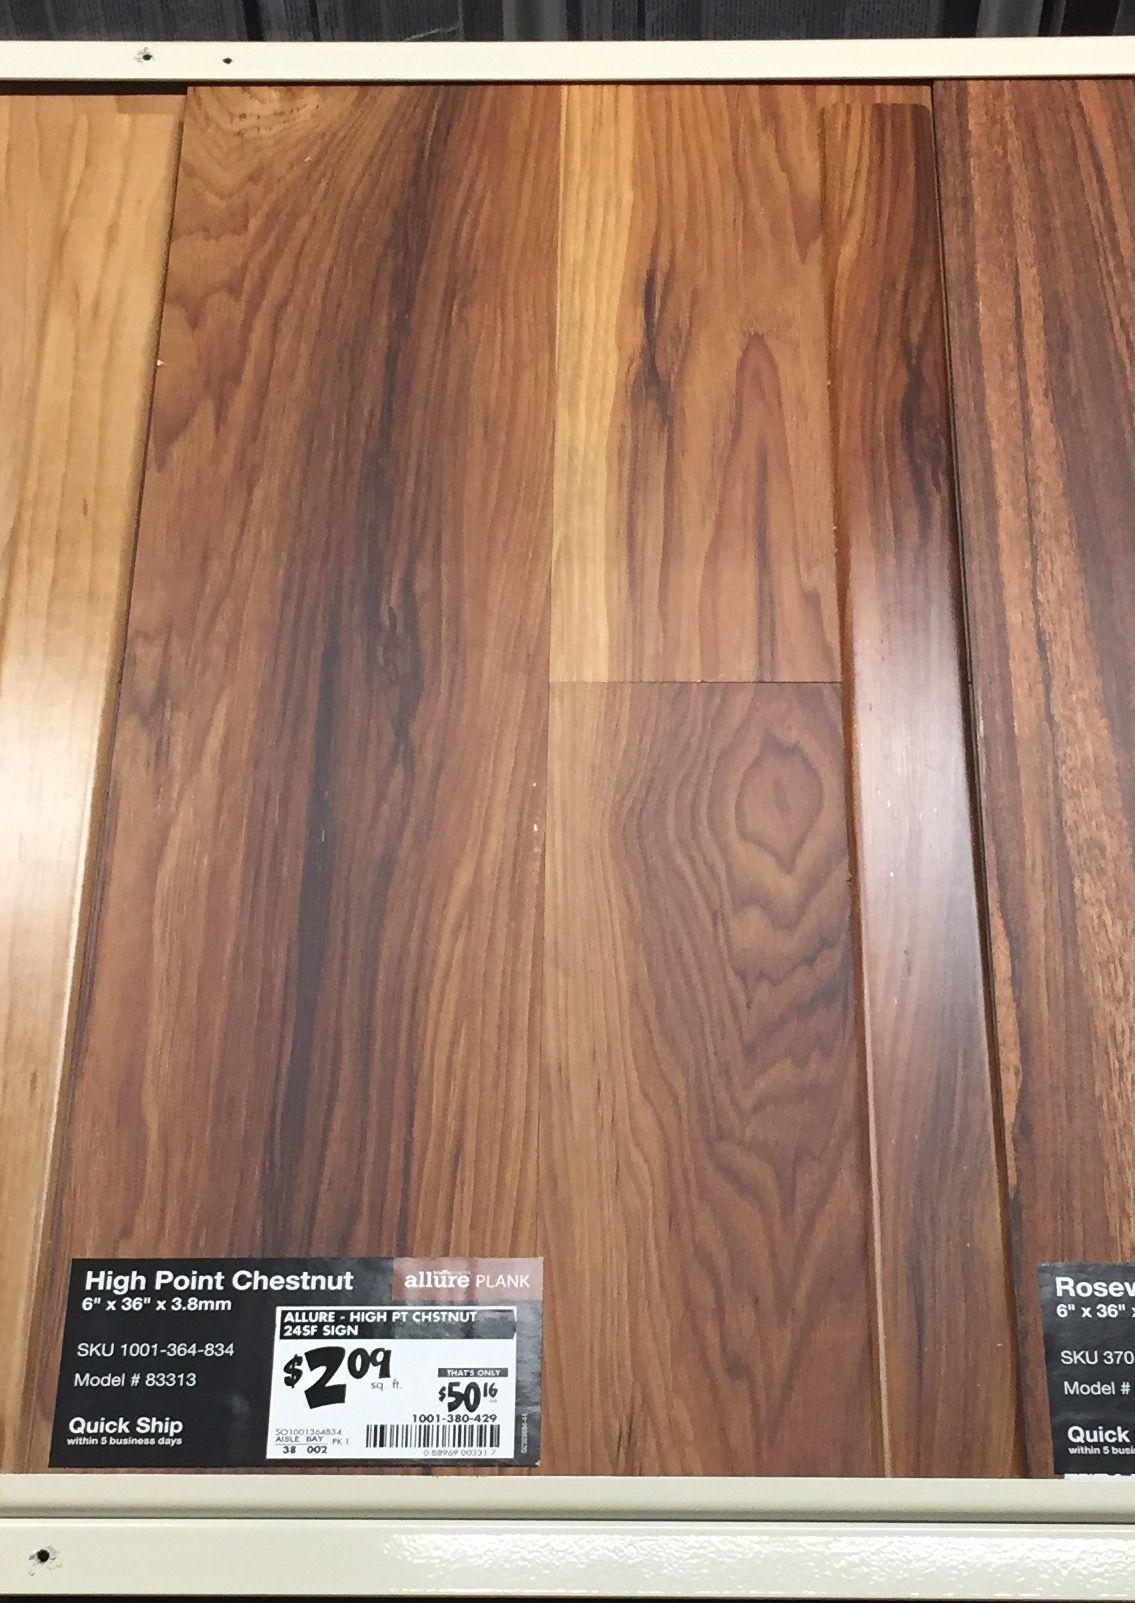 Fine 12 Ceramic Tile Tall 12X12 Floor Tiles Flat 12X24 Tile Floor 16 Ceramic Tile Youthful 16 X 24 Tile Floor Patterns Dark6X6 White Ceramic Tile $2.09 Sq Ft   Home Depot   High Point Chestnut   Allure Gripstrip ..